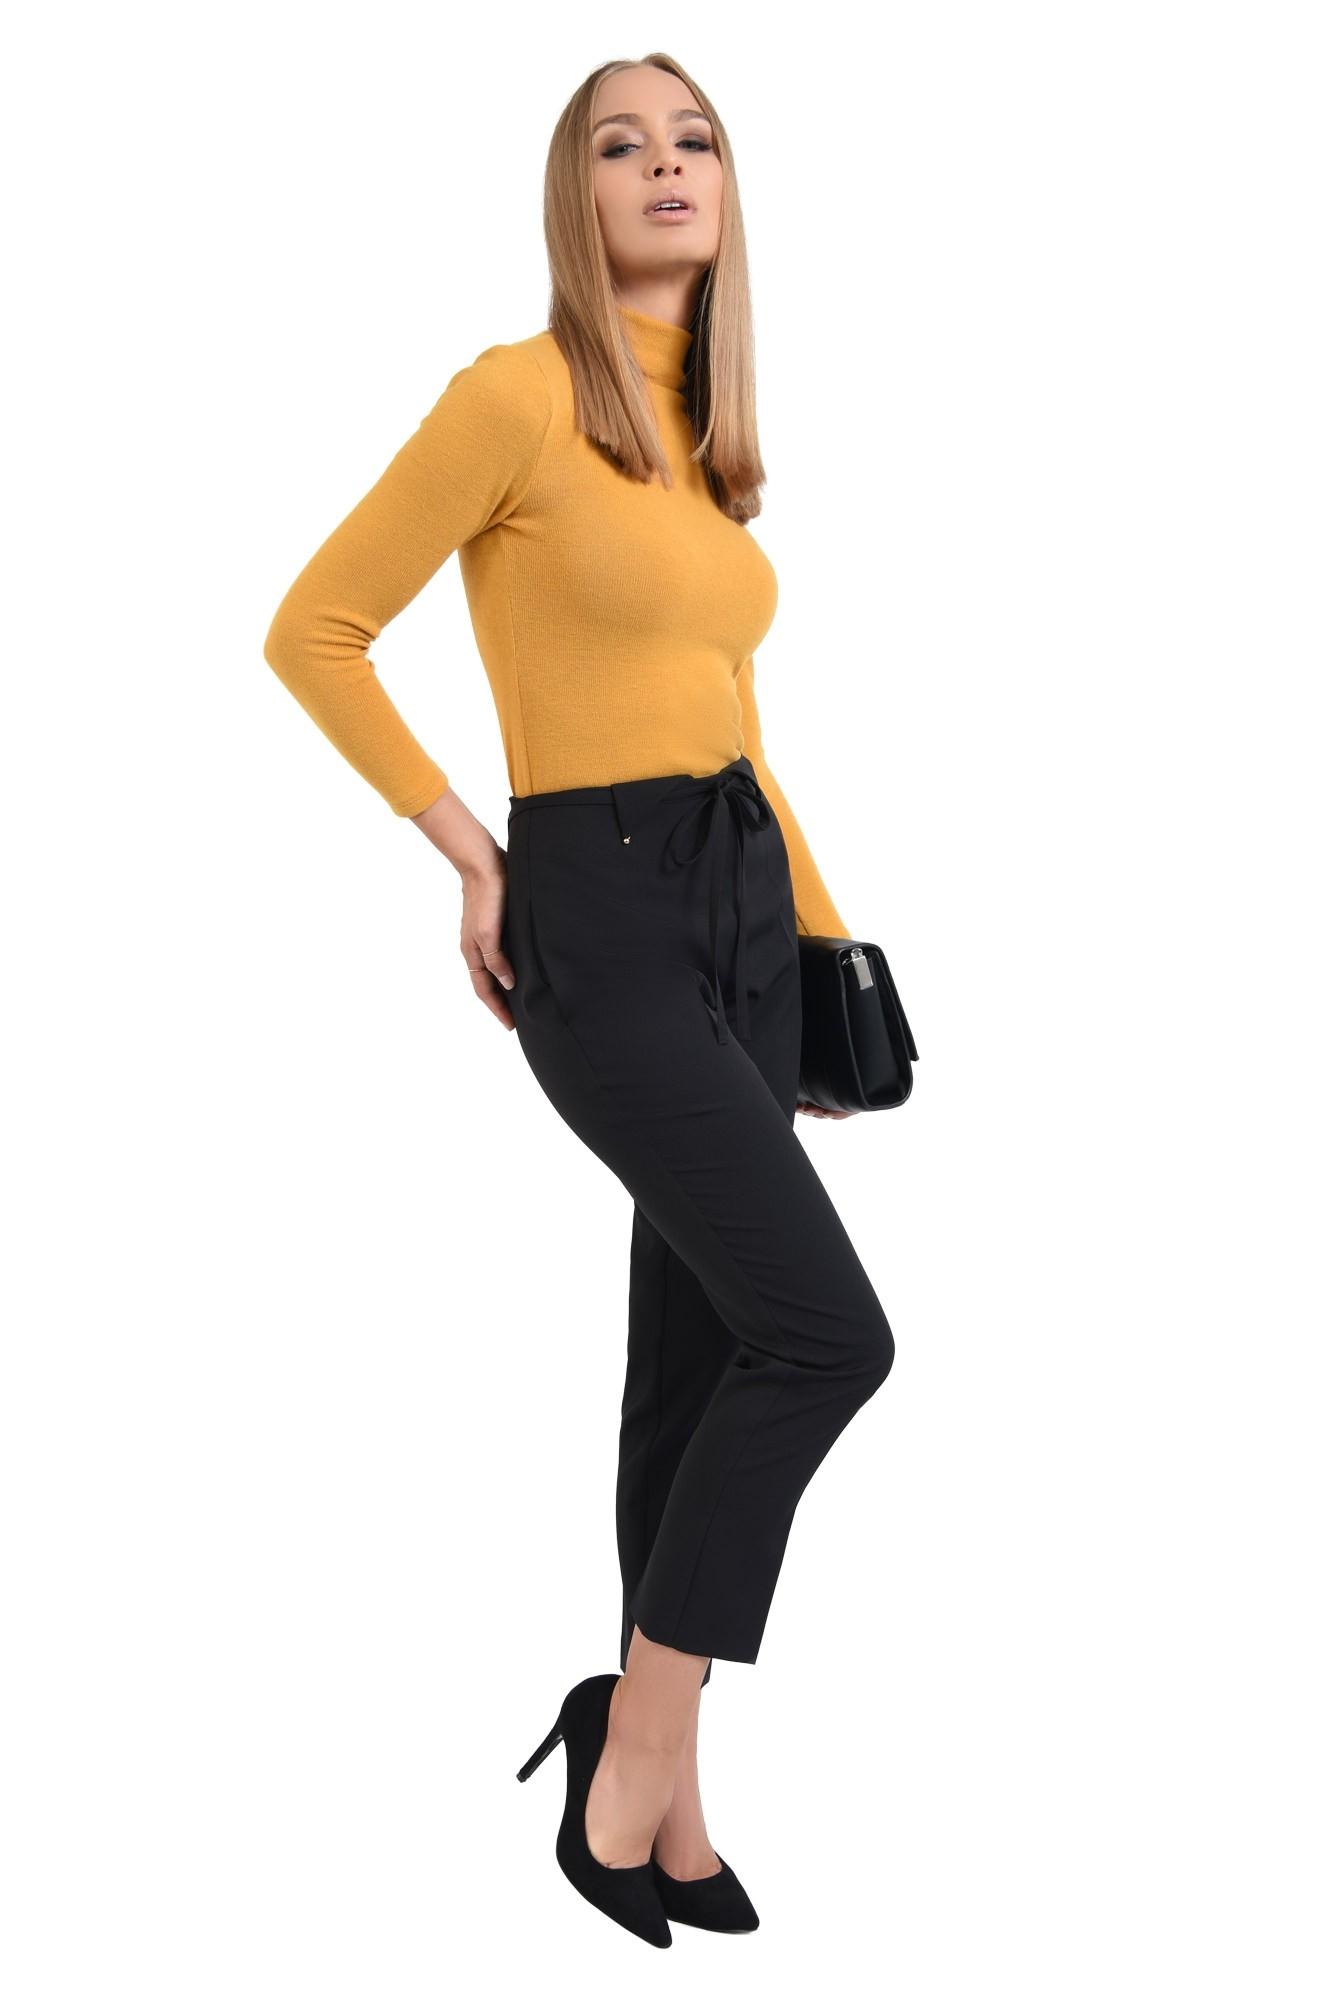 0 - pantaloni pana, casual, pantaloni dama online